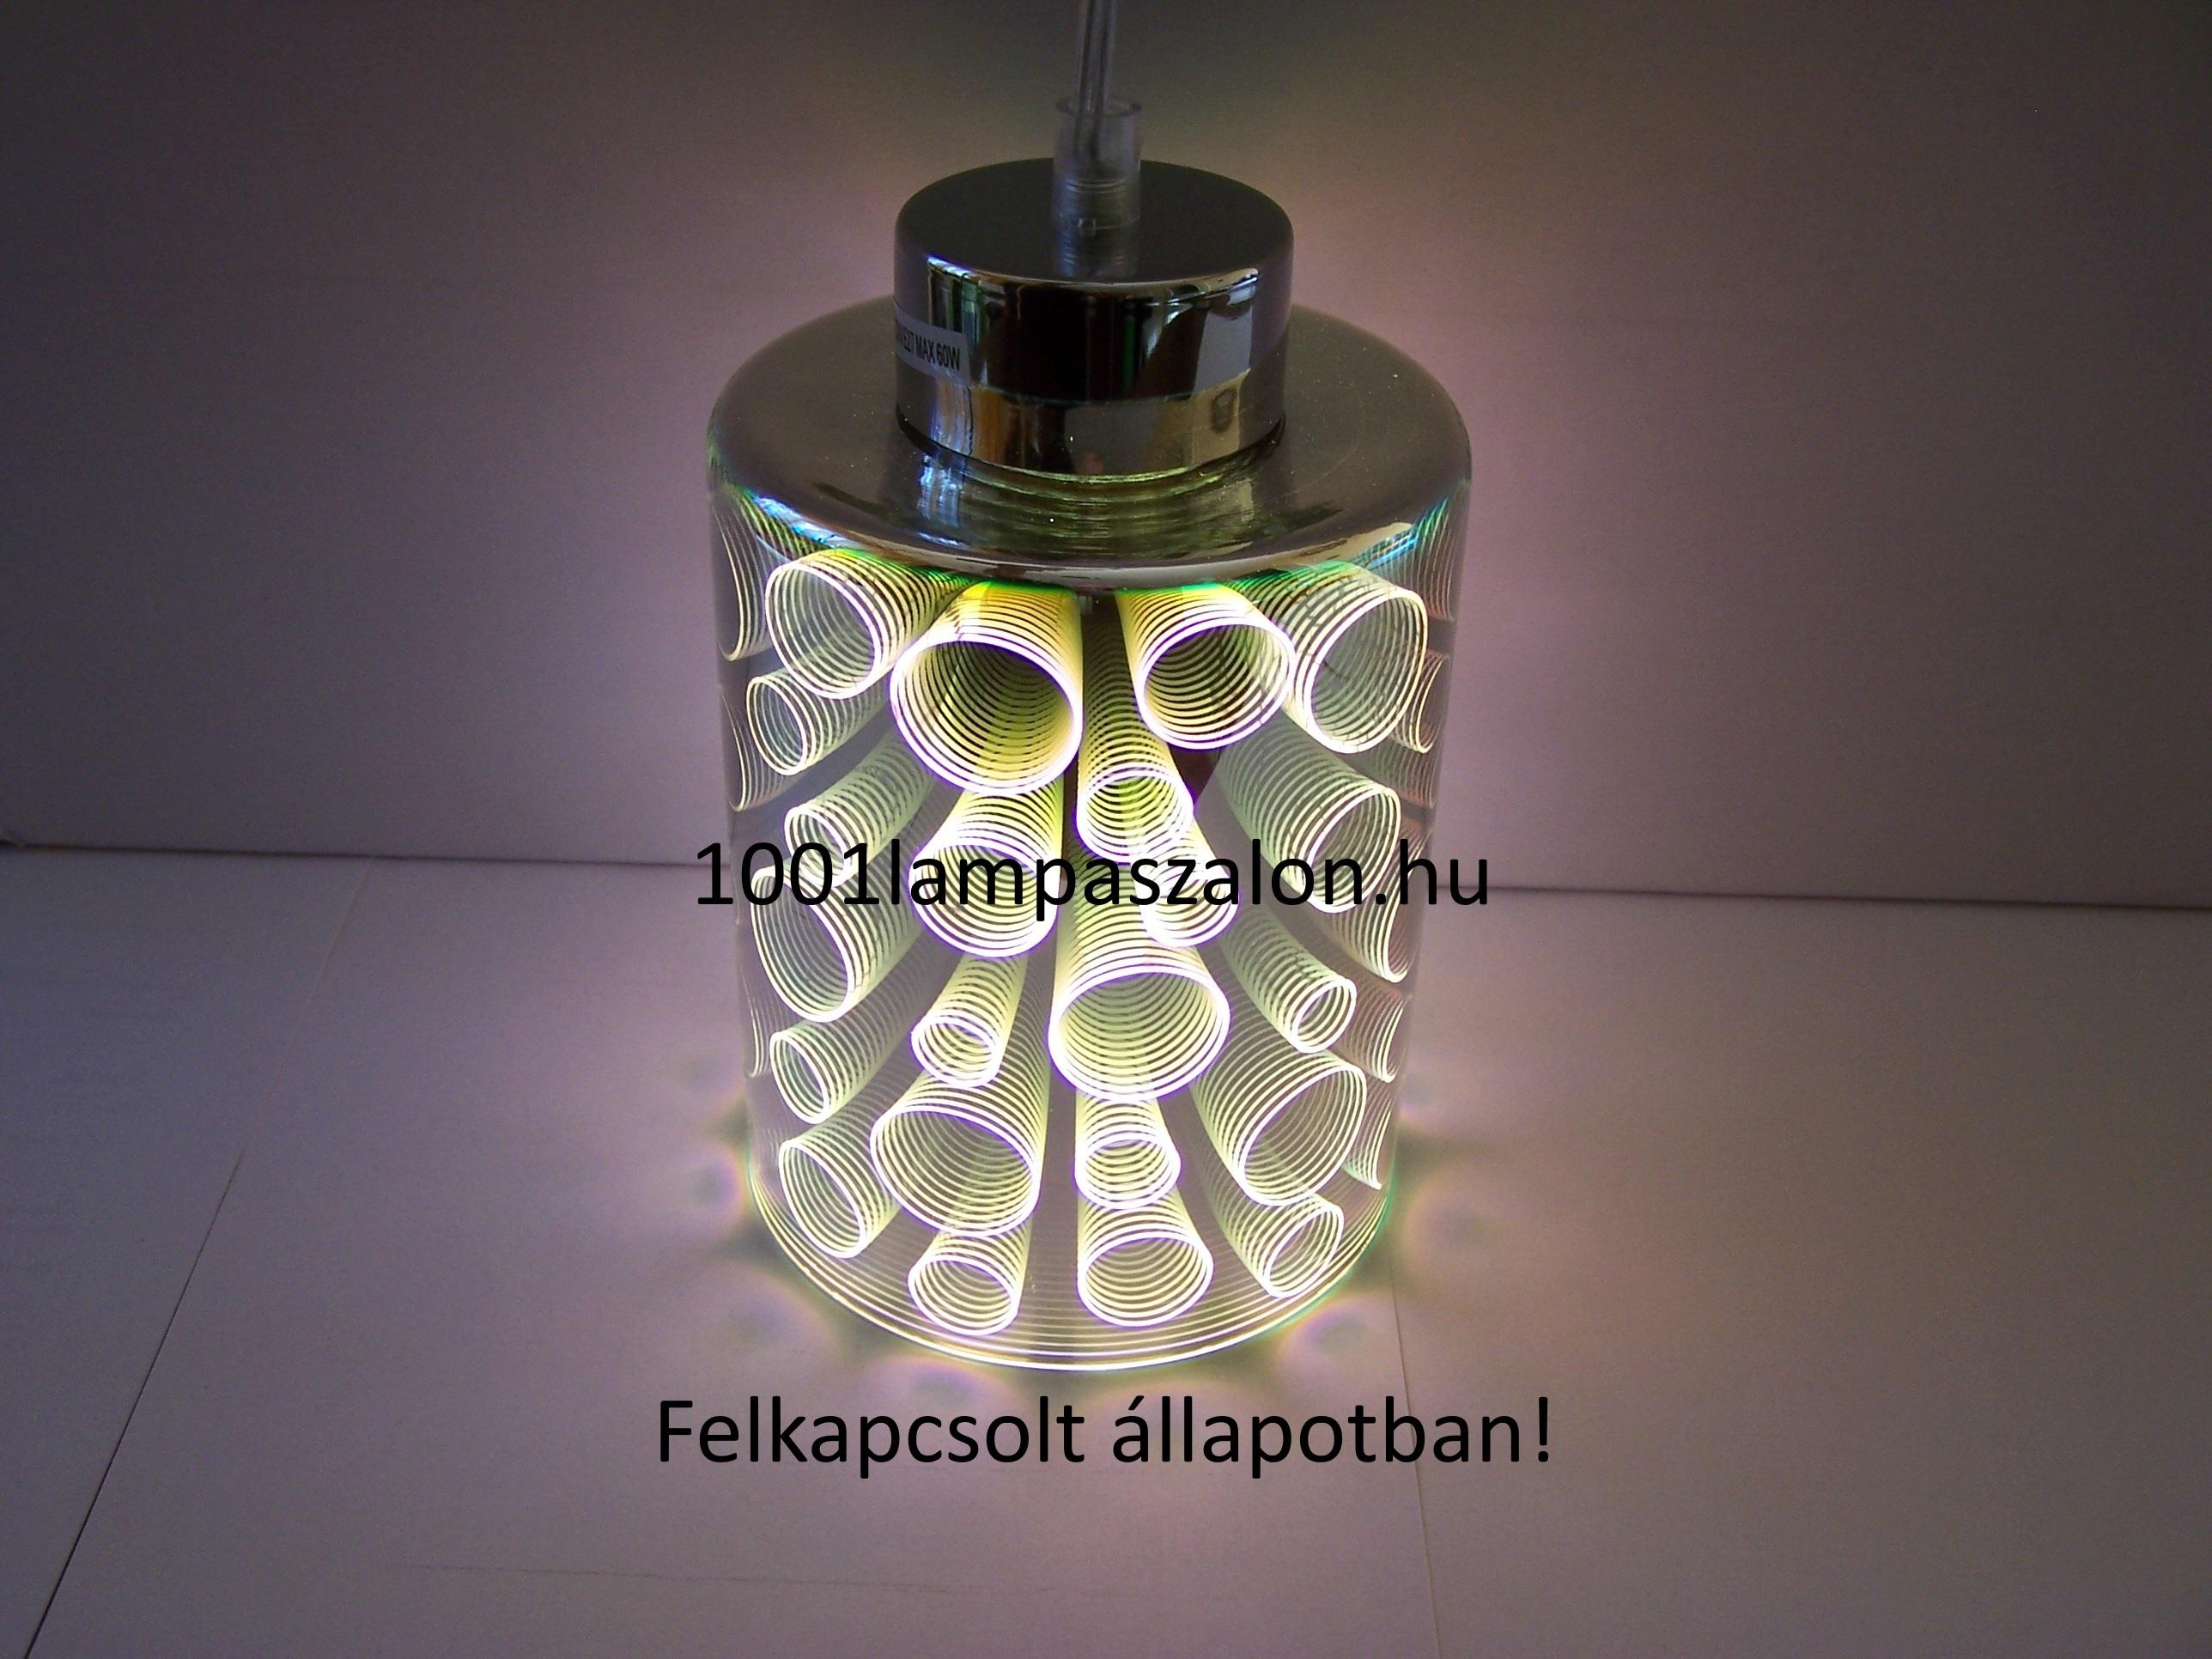 Candellux 33-57747 Nocturno 3 izzós lámpa függeszték / Candellux lámpák /